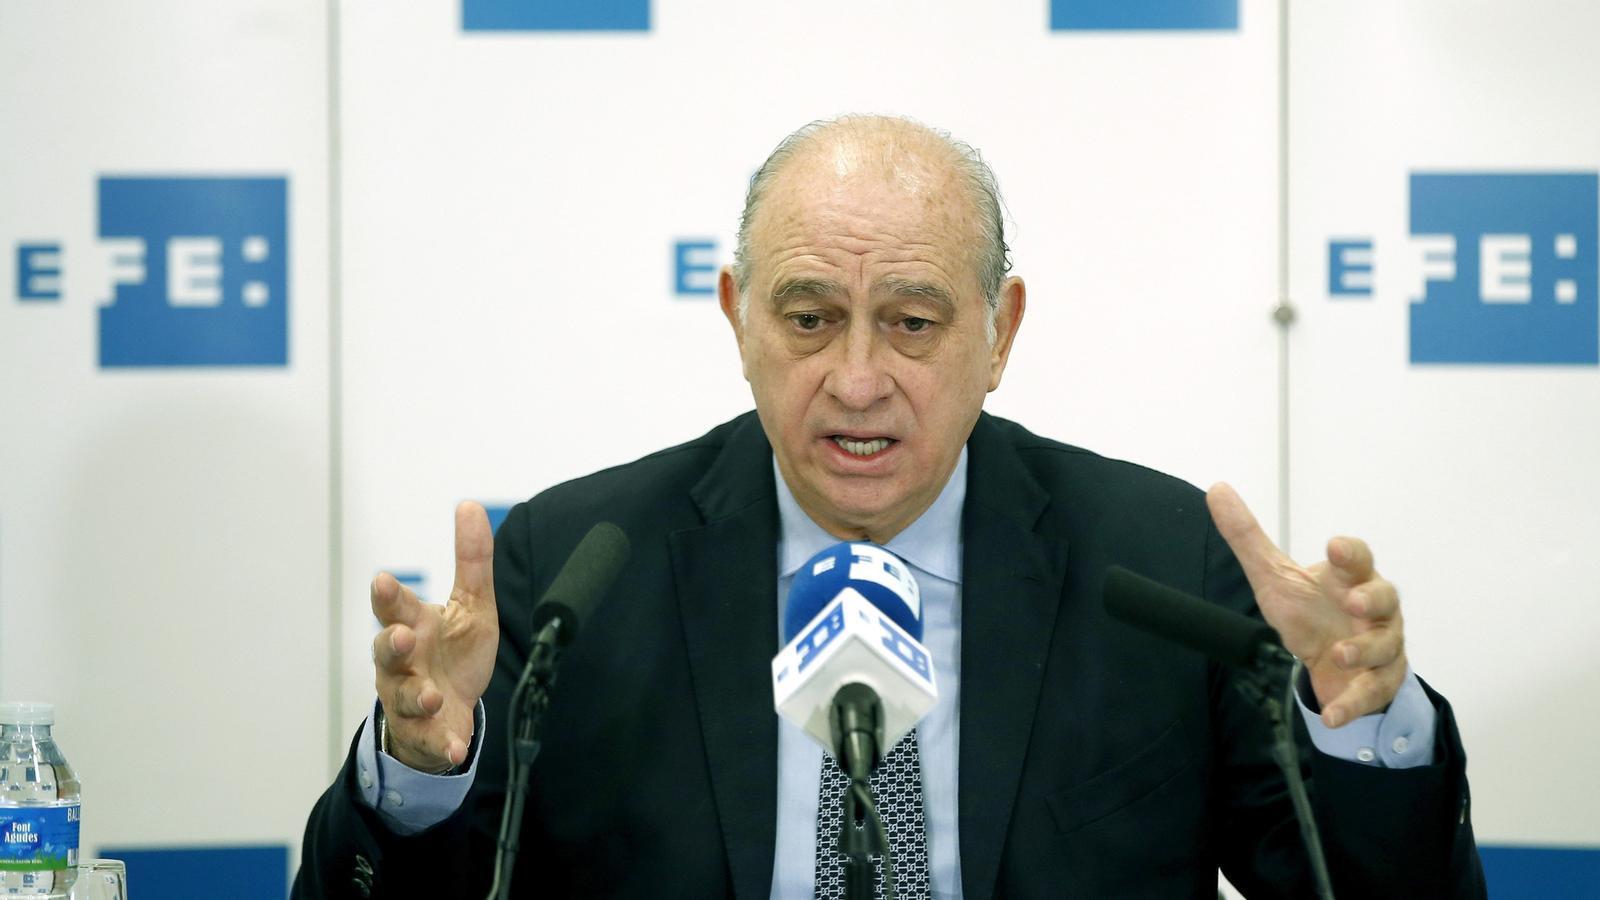 Fern ndez d az responsabilitza els mossos dels robatoris for Ministre interior